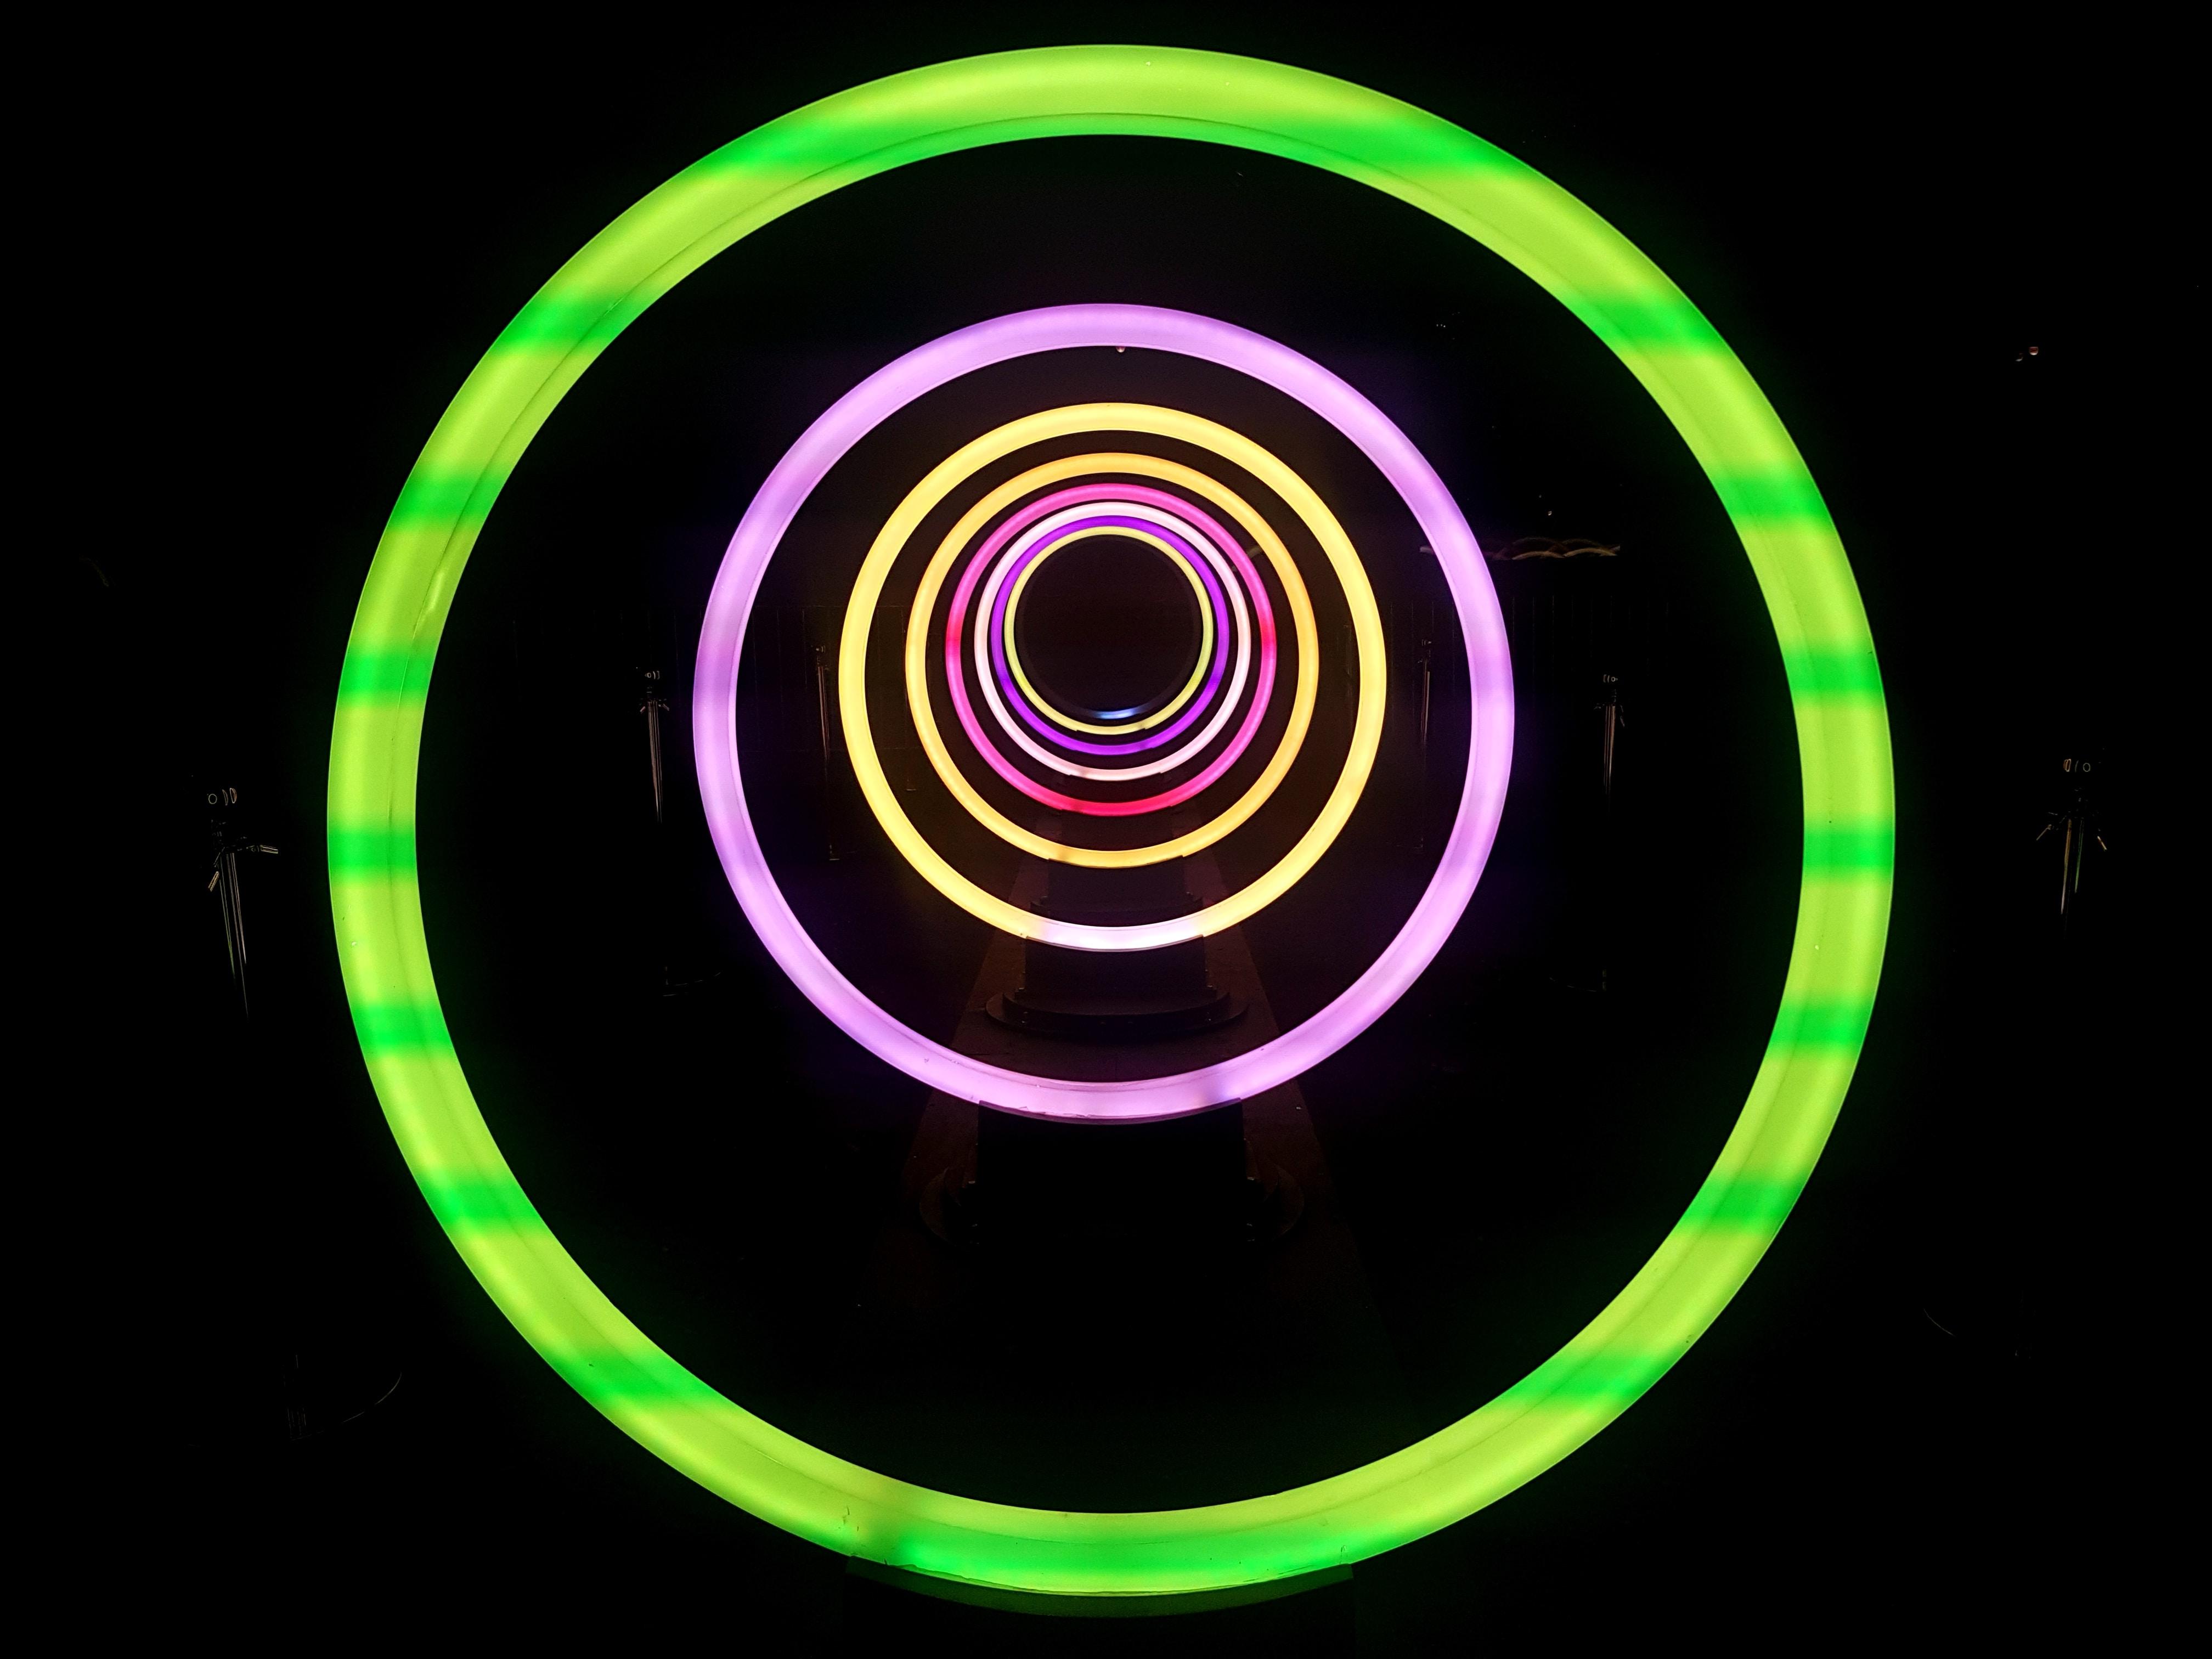 LED rings